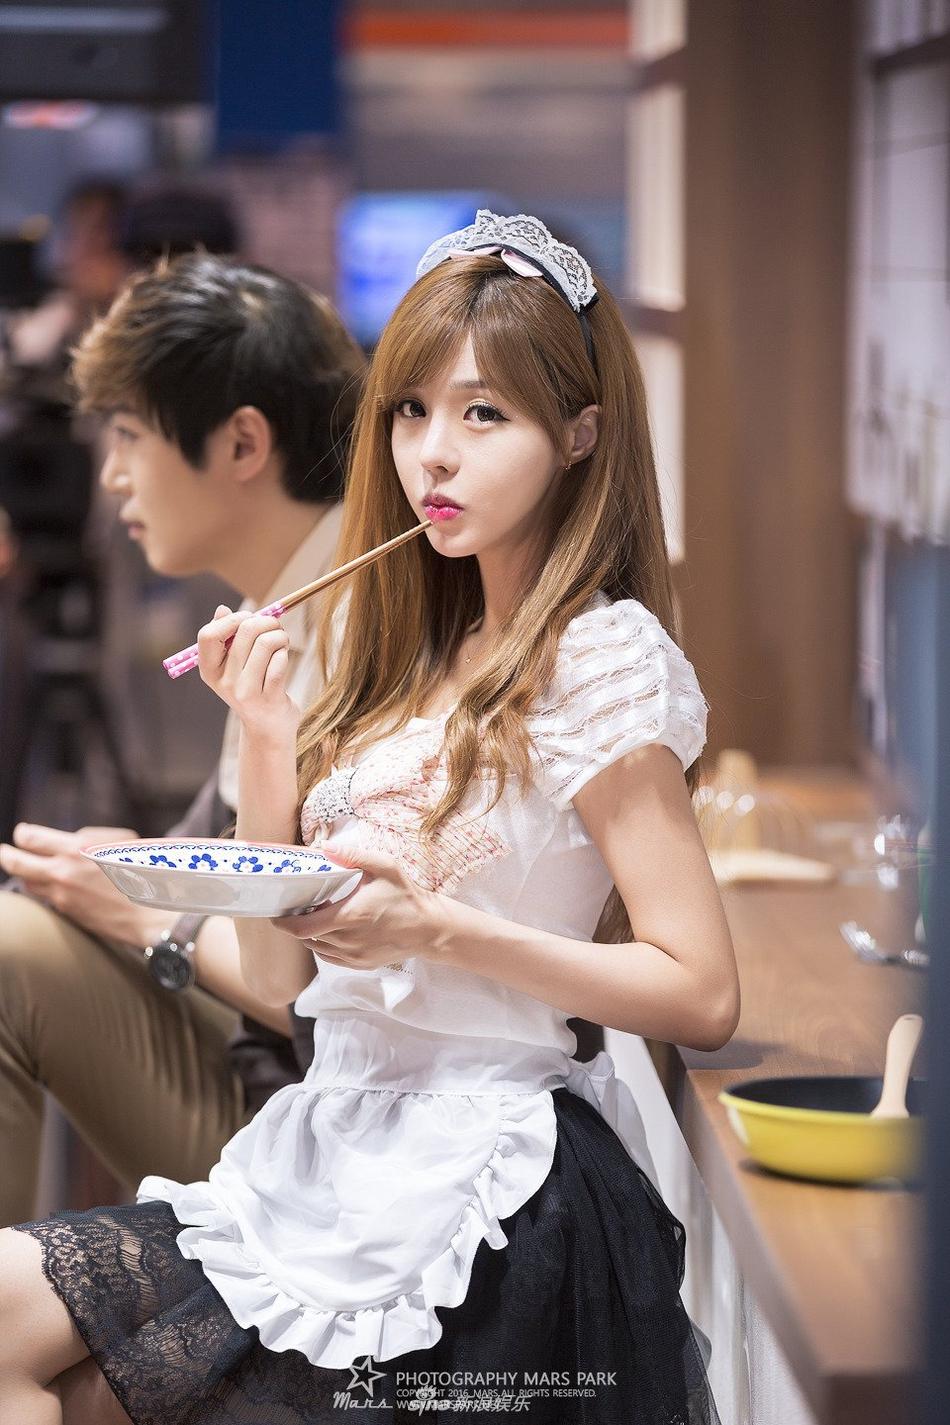 组图:韩国人气showgirl造型甜美呆萌可爱